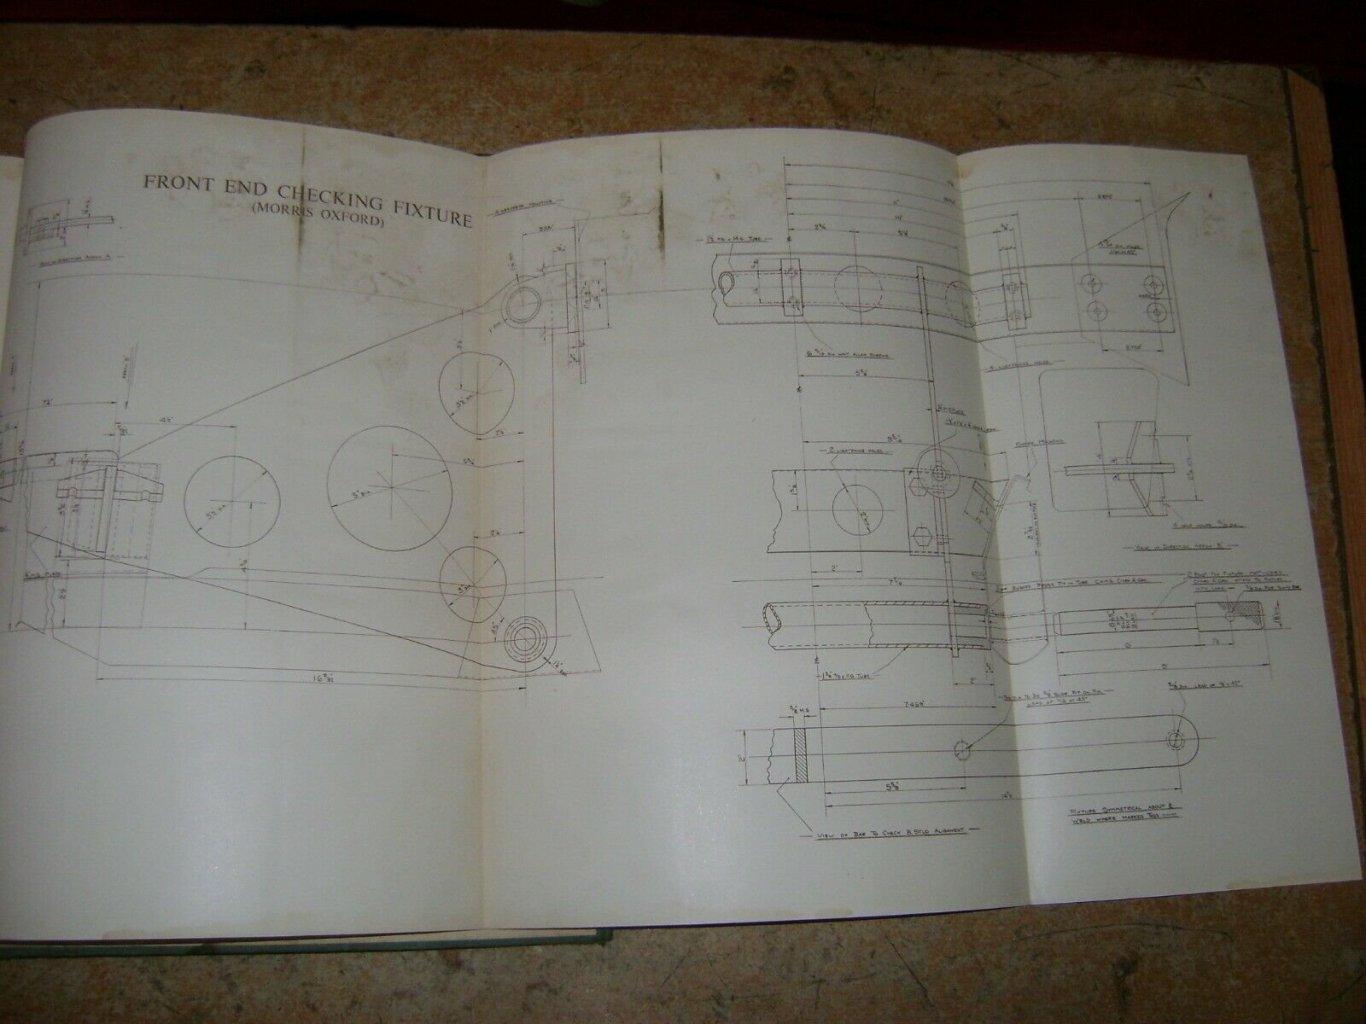 1046712727_Morris-Mono-Construction-Morris-Minor-Oxford-Six-Very-_57(1).thumb.jpg.95171f35790f0721c9a7b2d5d76143e9.jpg